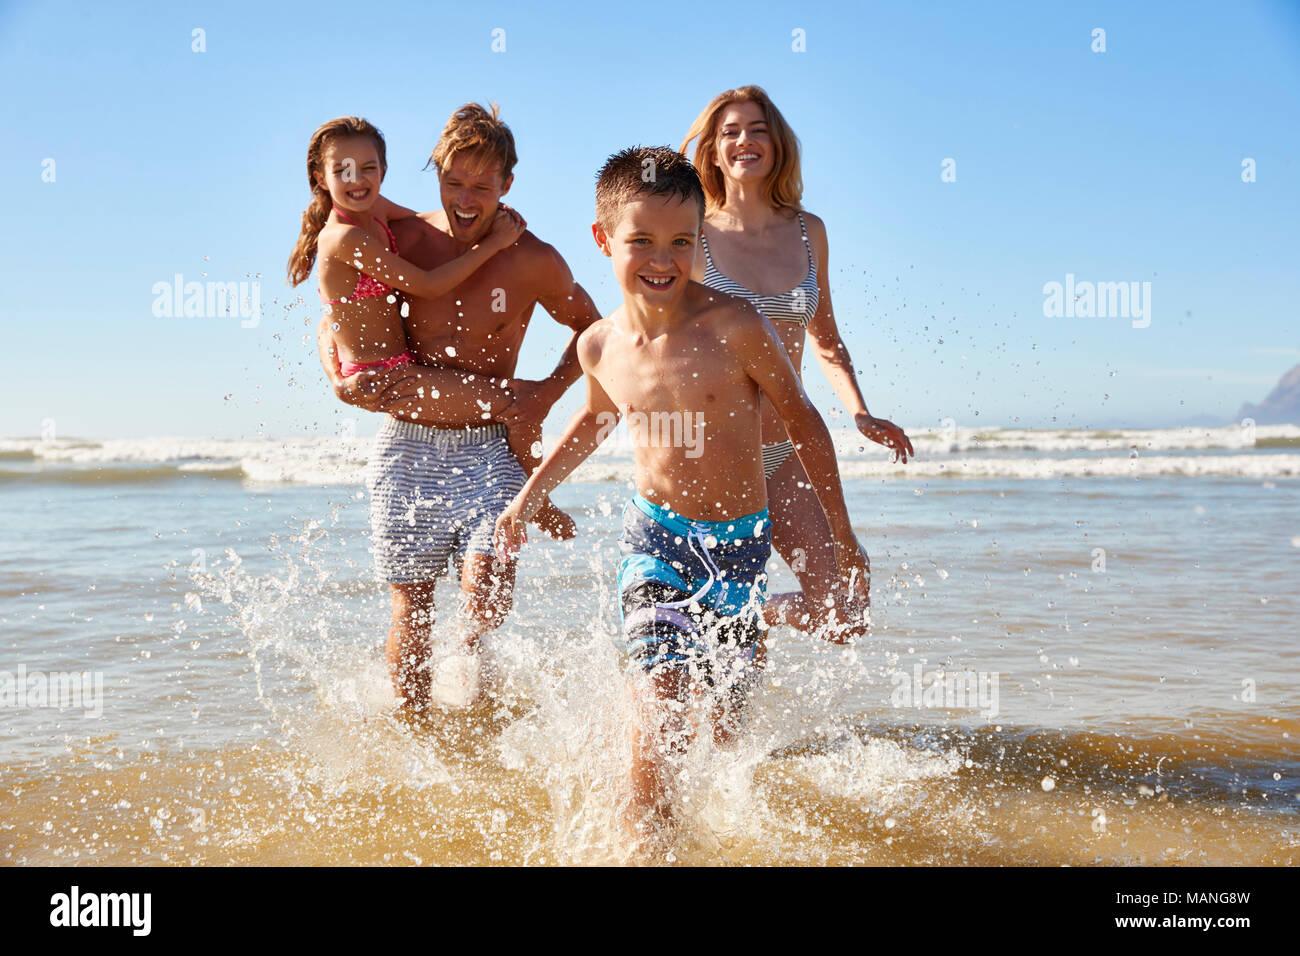 Sur la famille été plage locations à court de mer vers la caméra Photo Stock